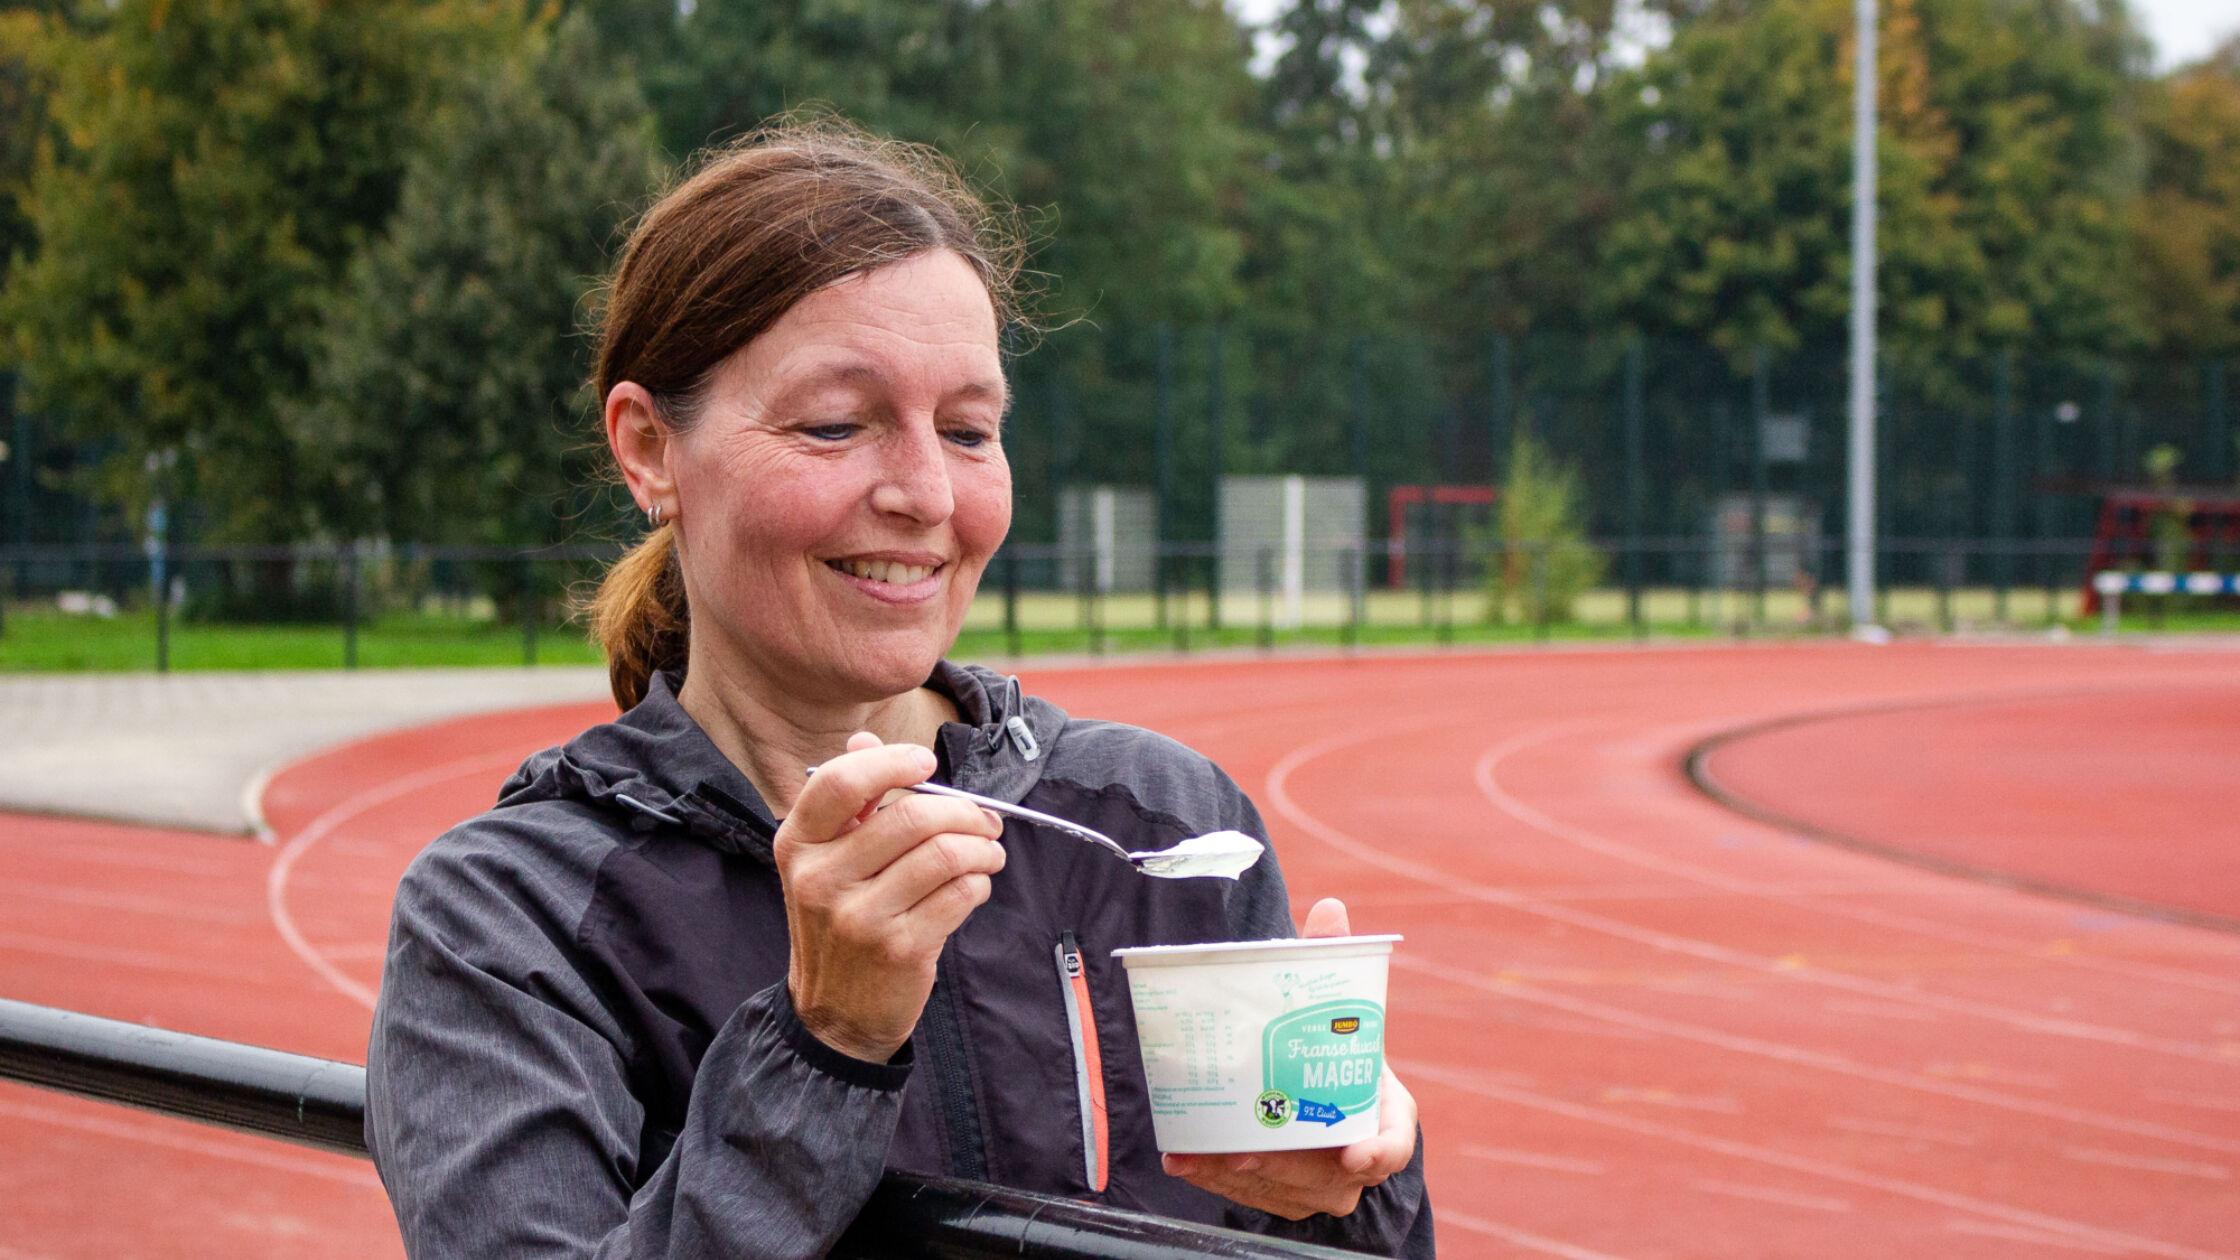 Fact check: 'Binnen een half uur na je training moet je eiwitten eten'